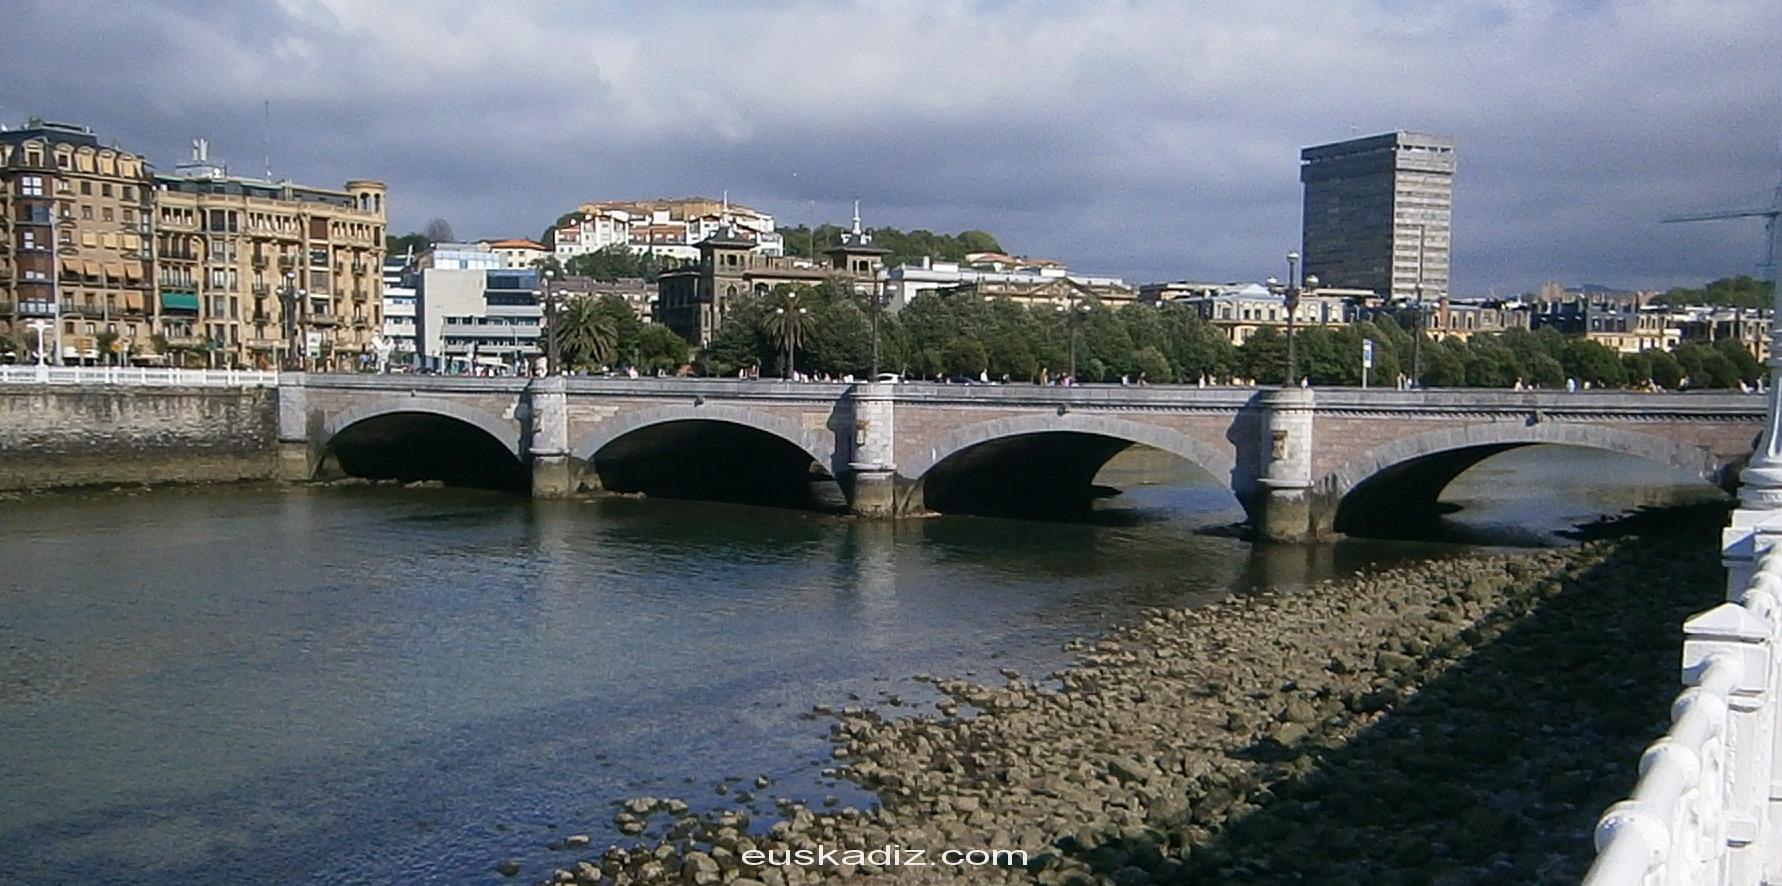 Puente de Santa Catalina de San Sebastián